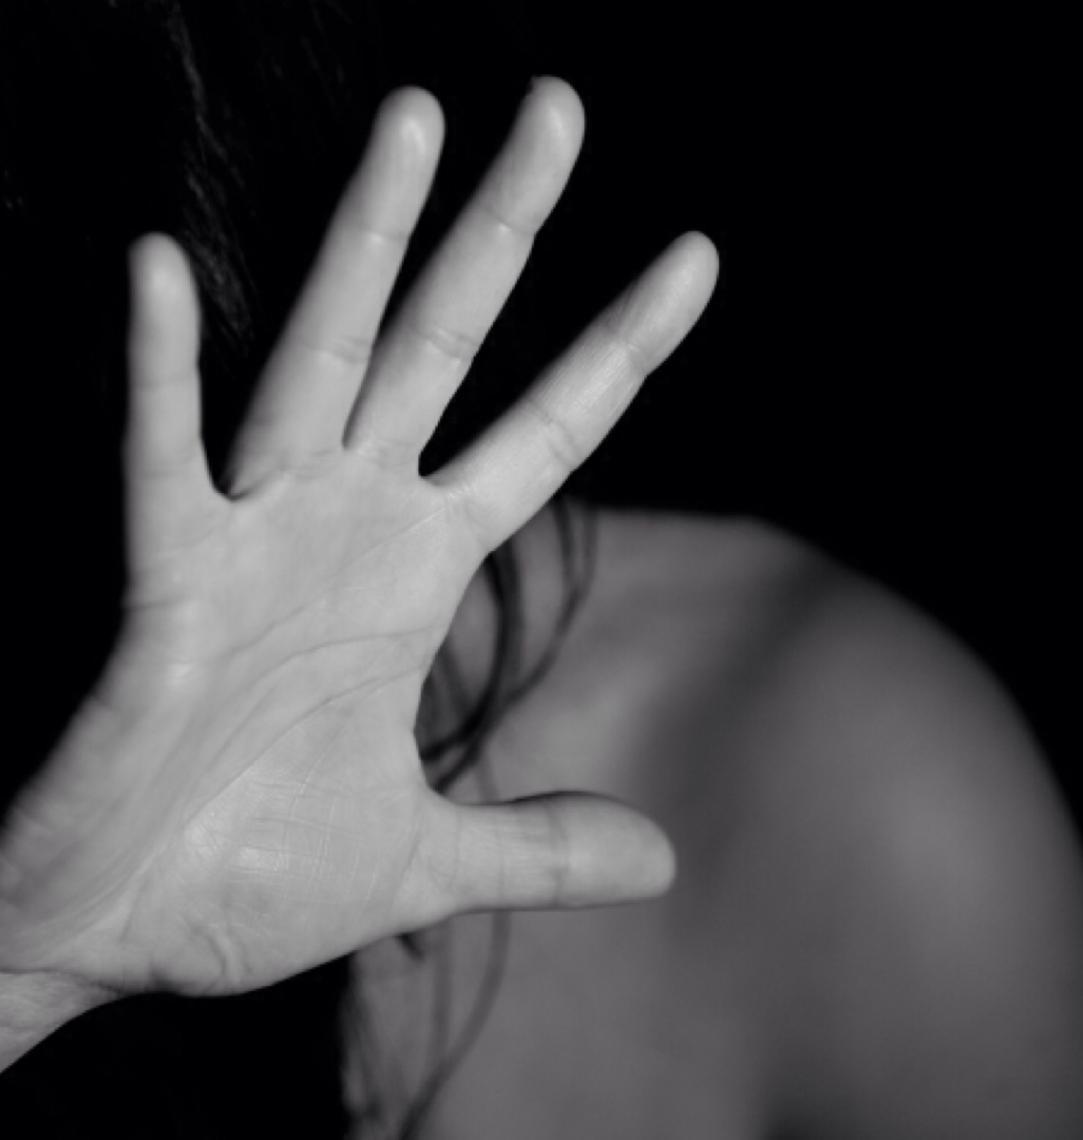 Polícia Federal prende mulheres envolvidas em mais de 30 estupros dos próprios filhos